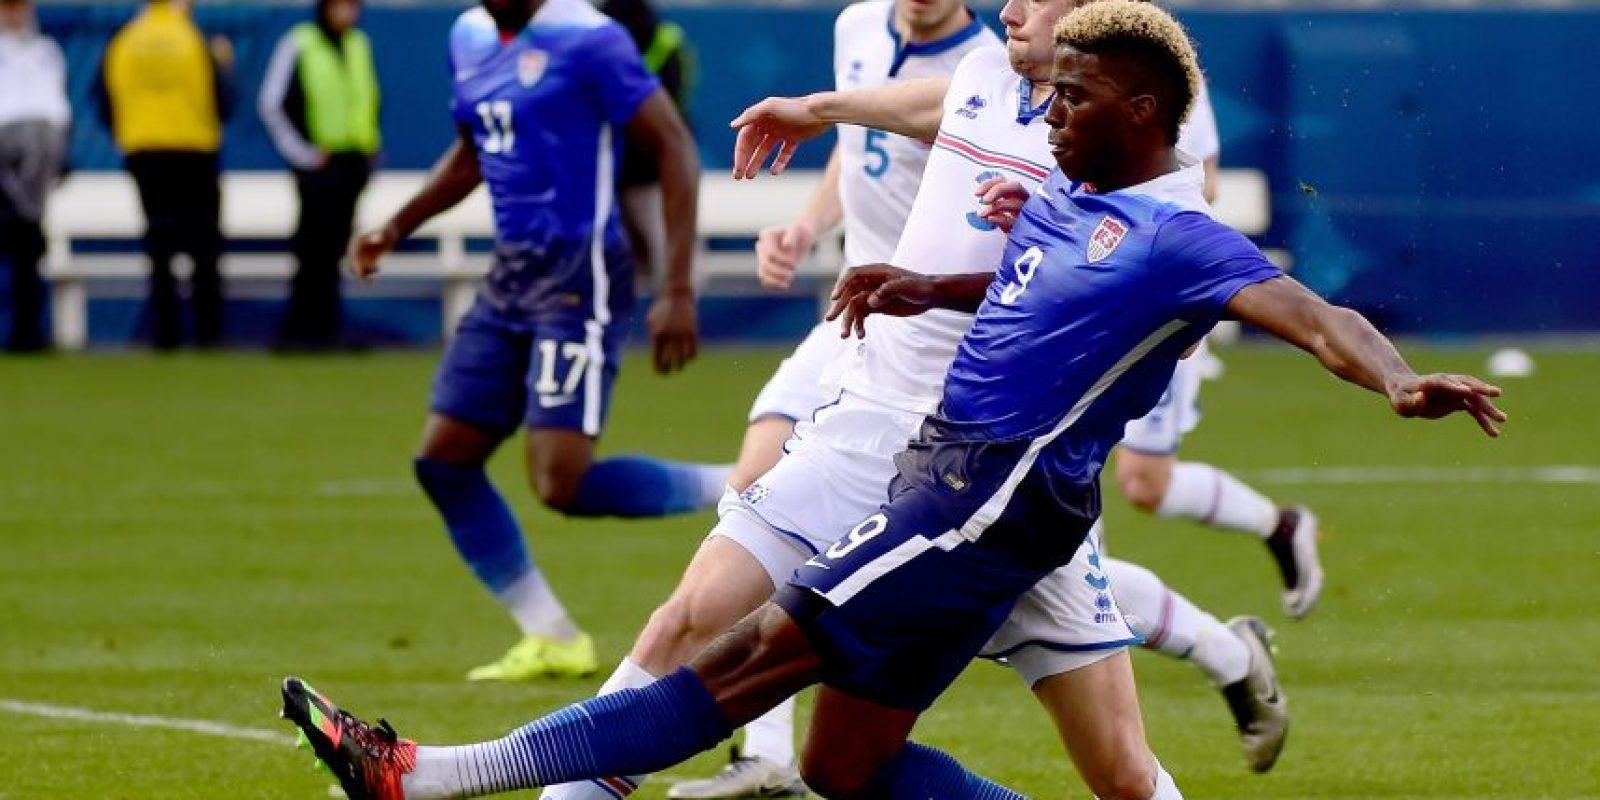 El jugador de Estados Unidos, Gyasi Zardes, intenta realizar un pase. Foto:AFP